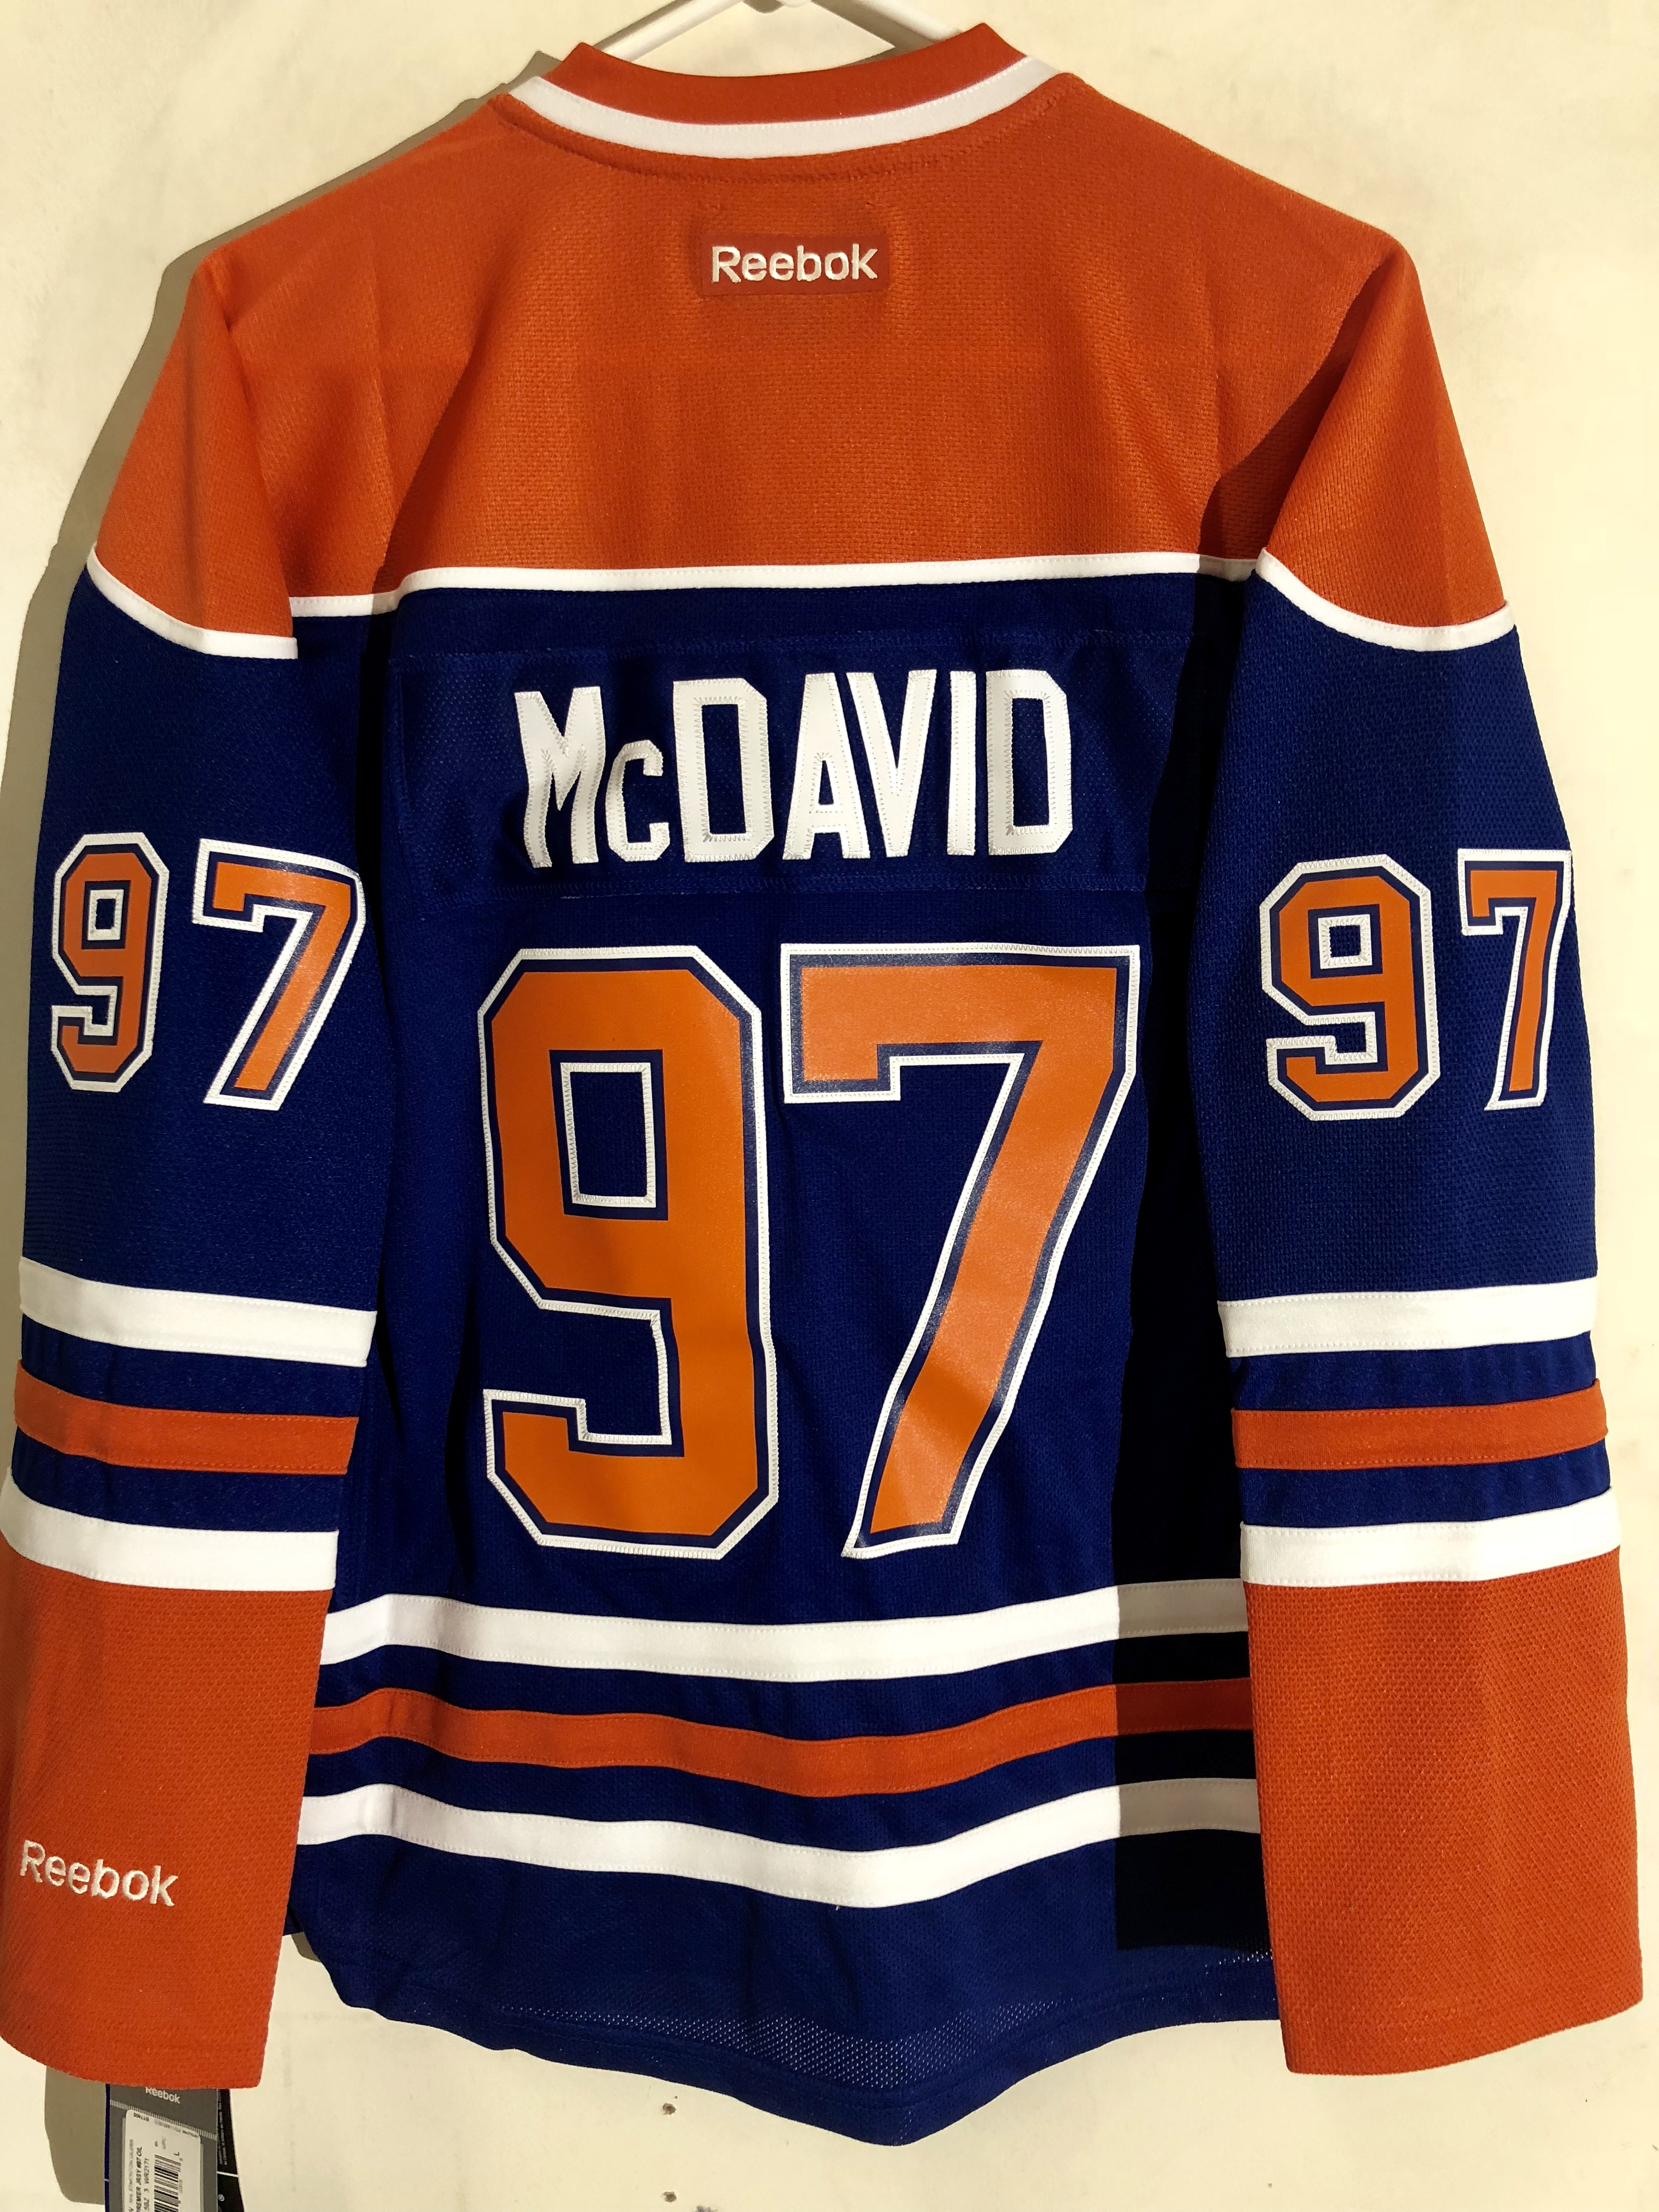 Reebok Women s Premier NHL Jersey Edmonton OIlers Connor McDavid ... 58e6b61b2